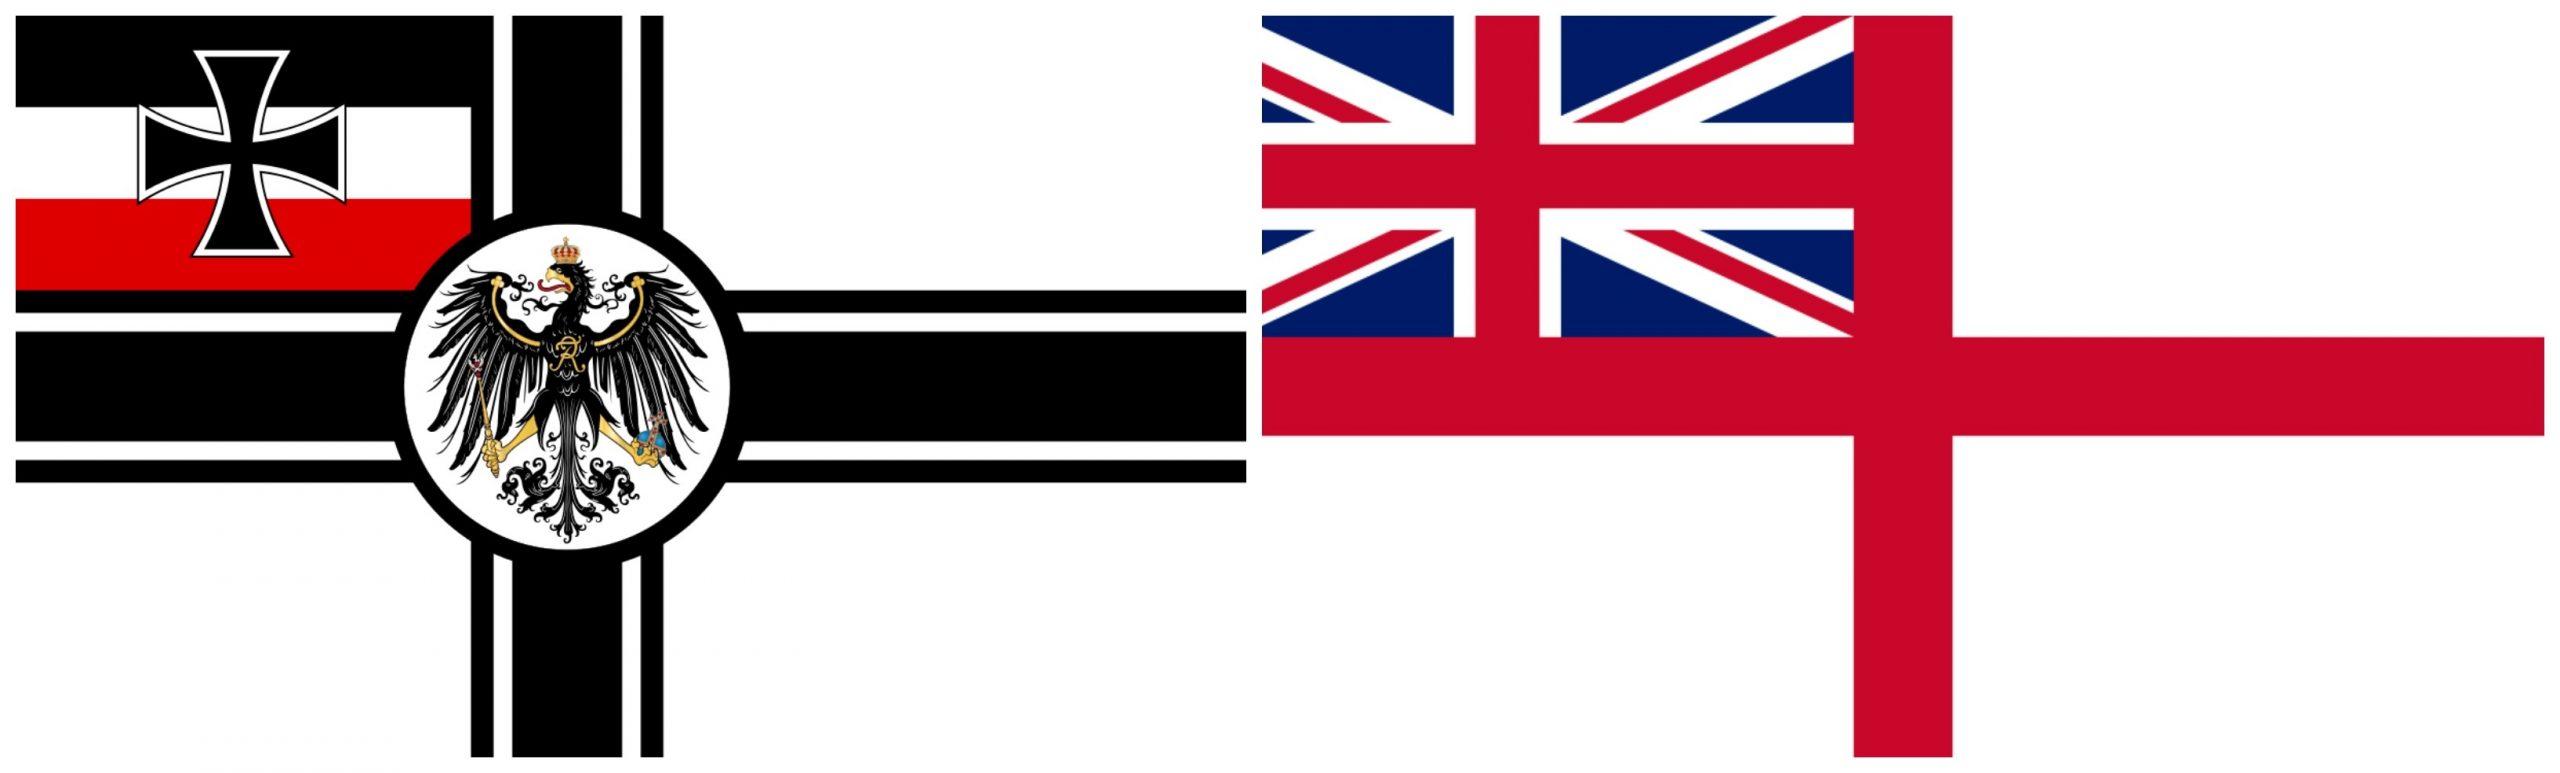 banderas jutlandia